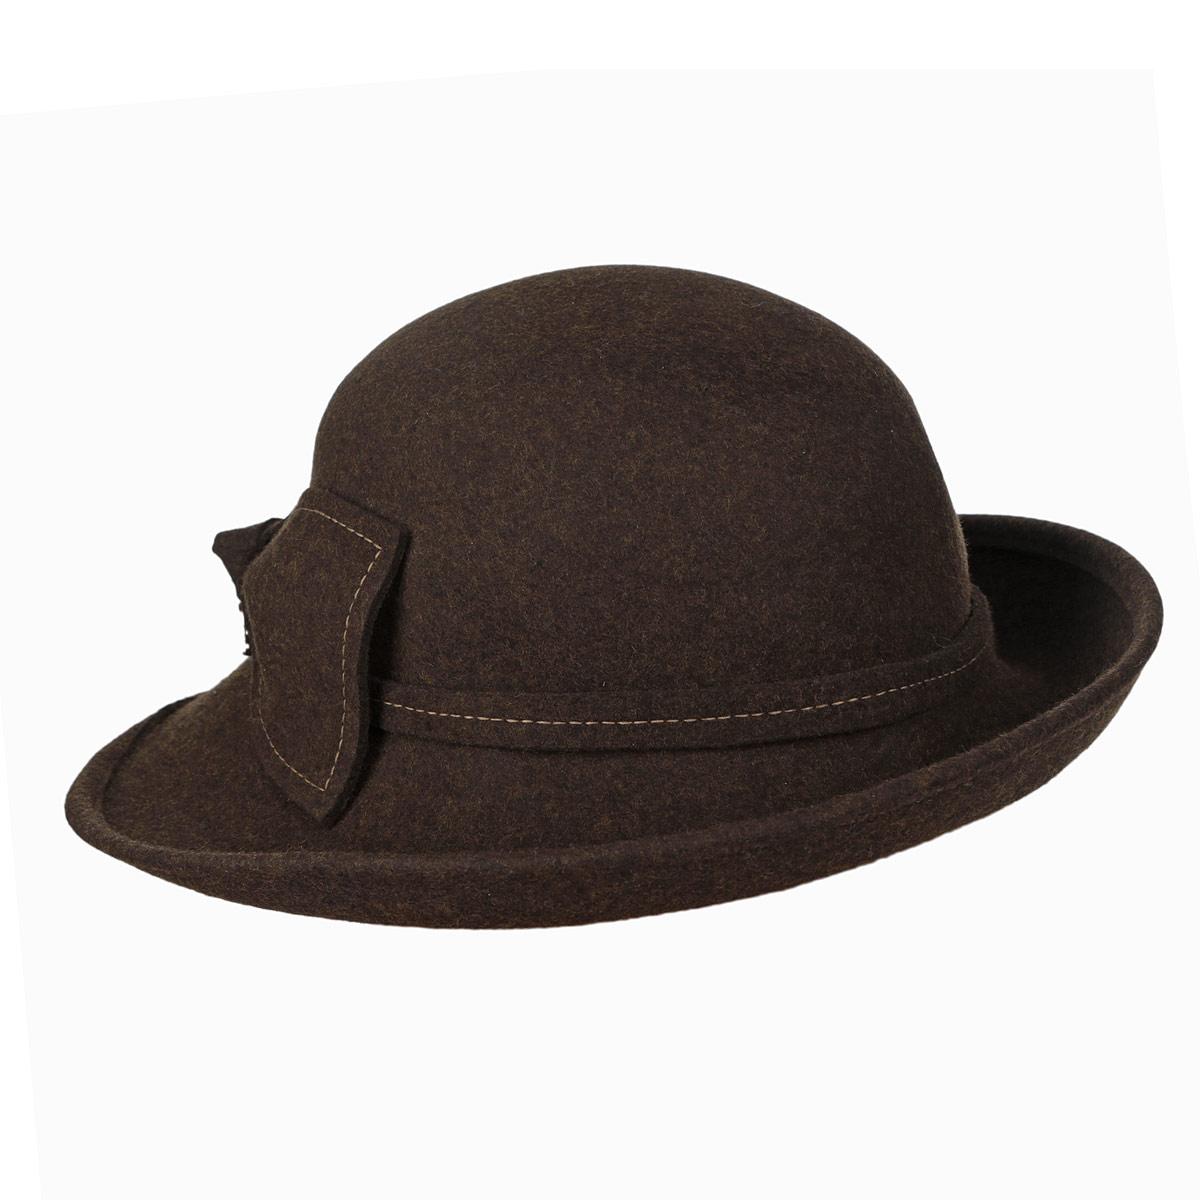 Шляпа женская. XF 915/1XF 915/1Элегантная шляпа Laura Biagiotti, выполненная из натуральной шерсти, непременно украсит любой наряд. Шляпа оформлена тонкой лентой вокруг тульи, и декоративным бантом с контрастной отстрочкой и небольшой металлической подвеской со стразами. Большие волнистые поля шляпы придадут вашему образу женственности и изящества. Такая шляпа подчеркнет вашу неповторимость и дополнит ваш повседневный образ.